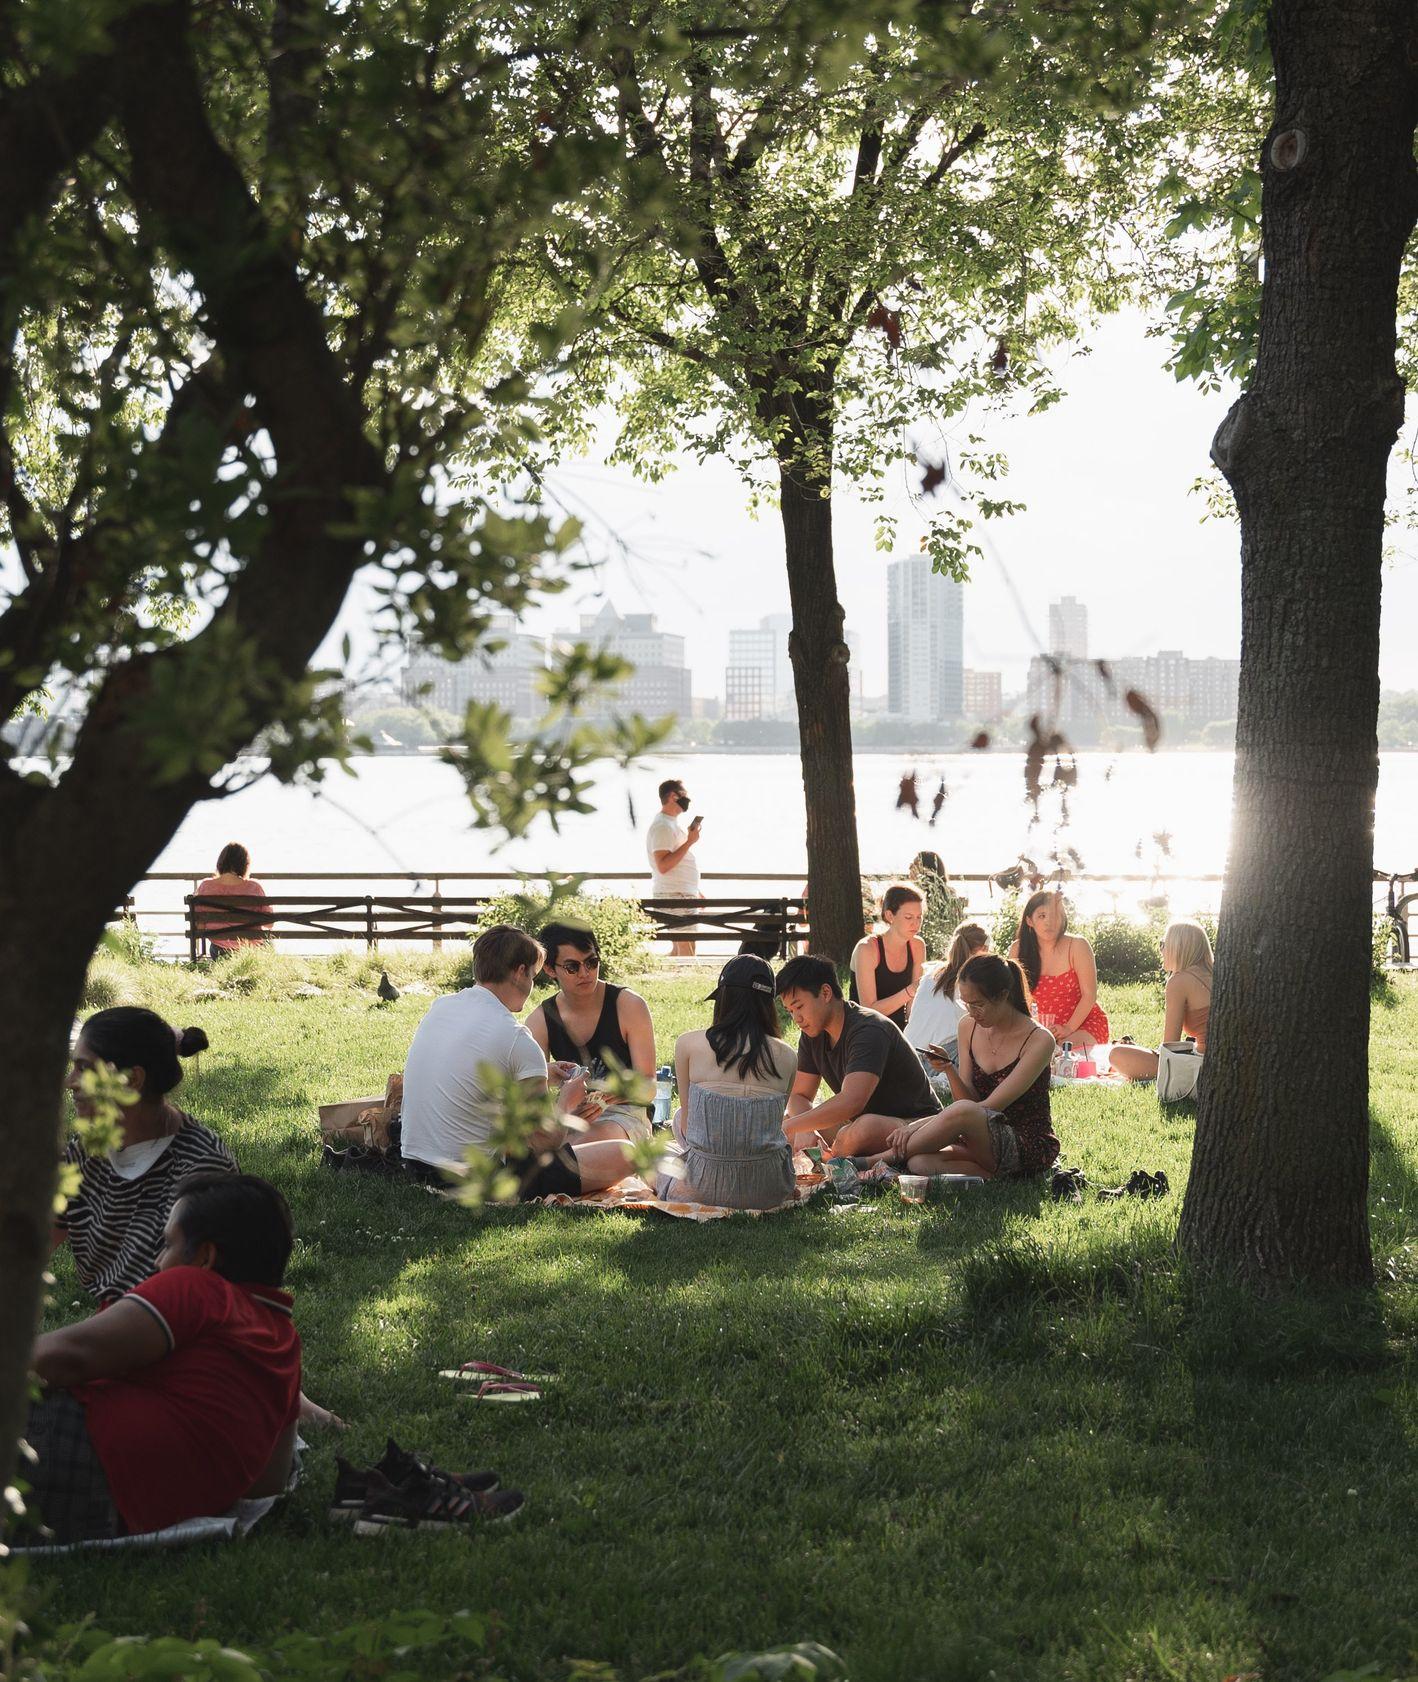 Piknik nad wodą (fot. Mason Dahl / unsplash.com)